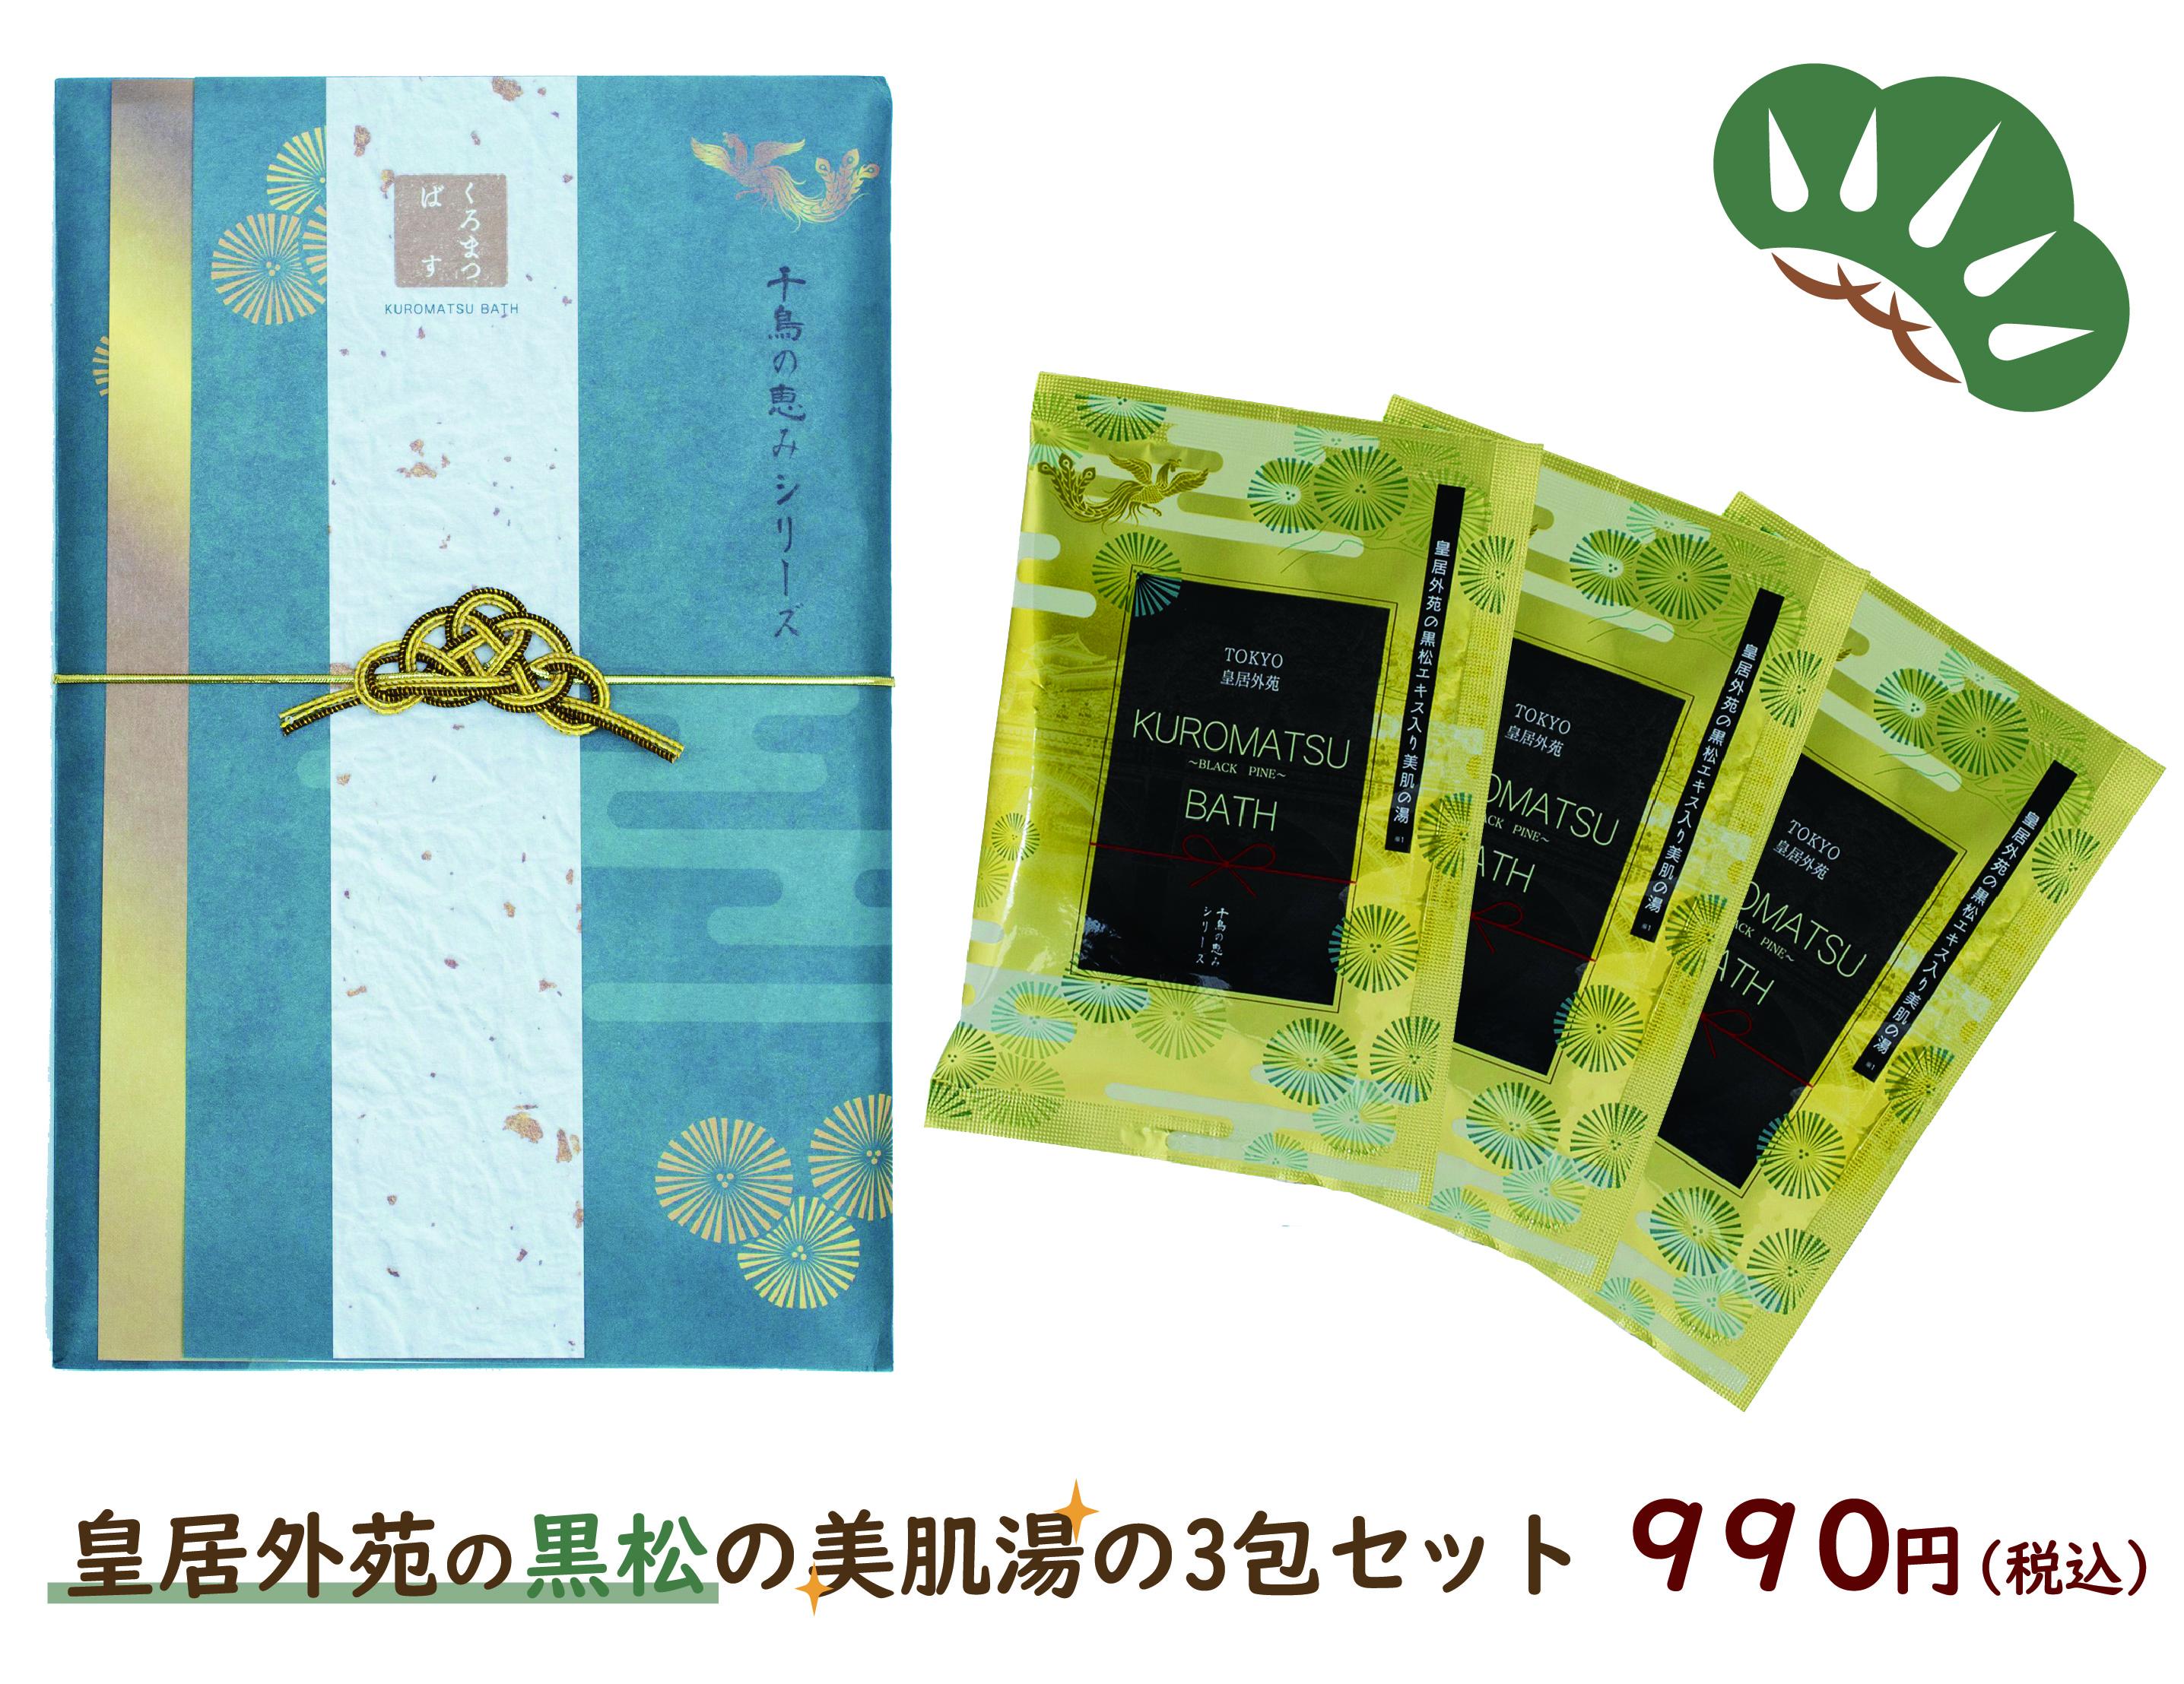 3包セット-01